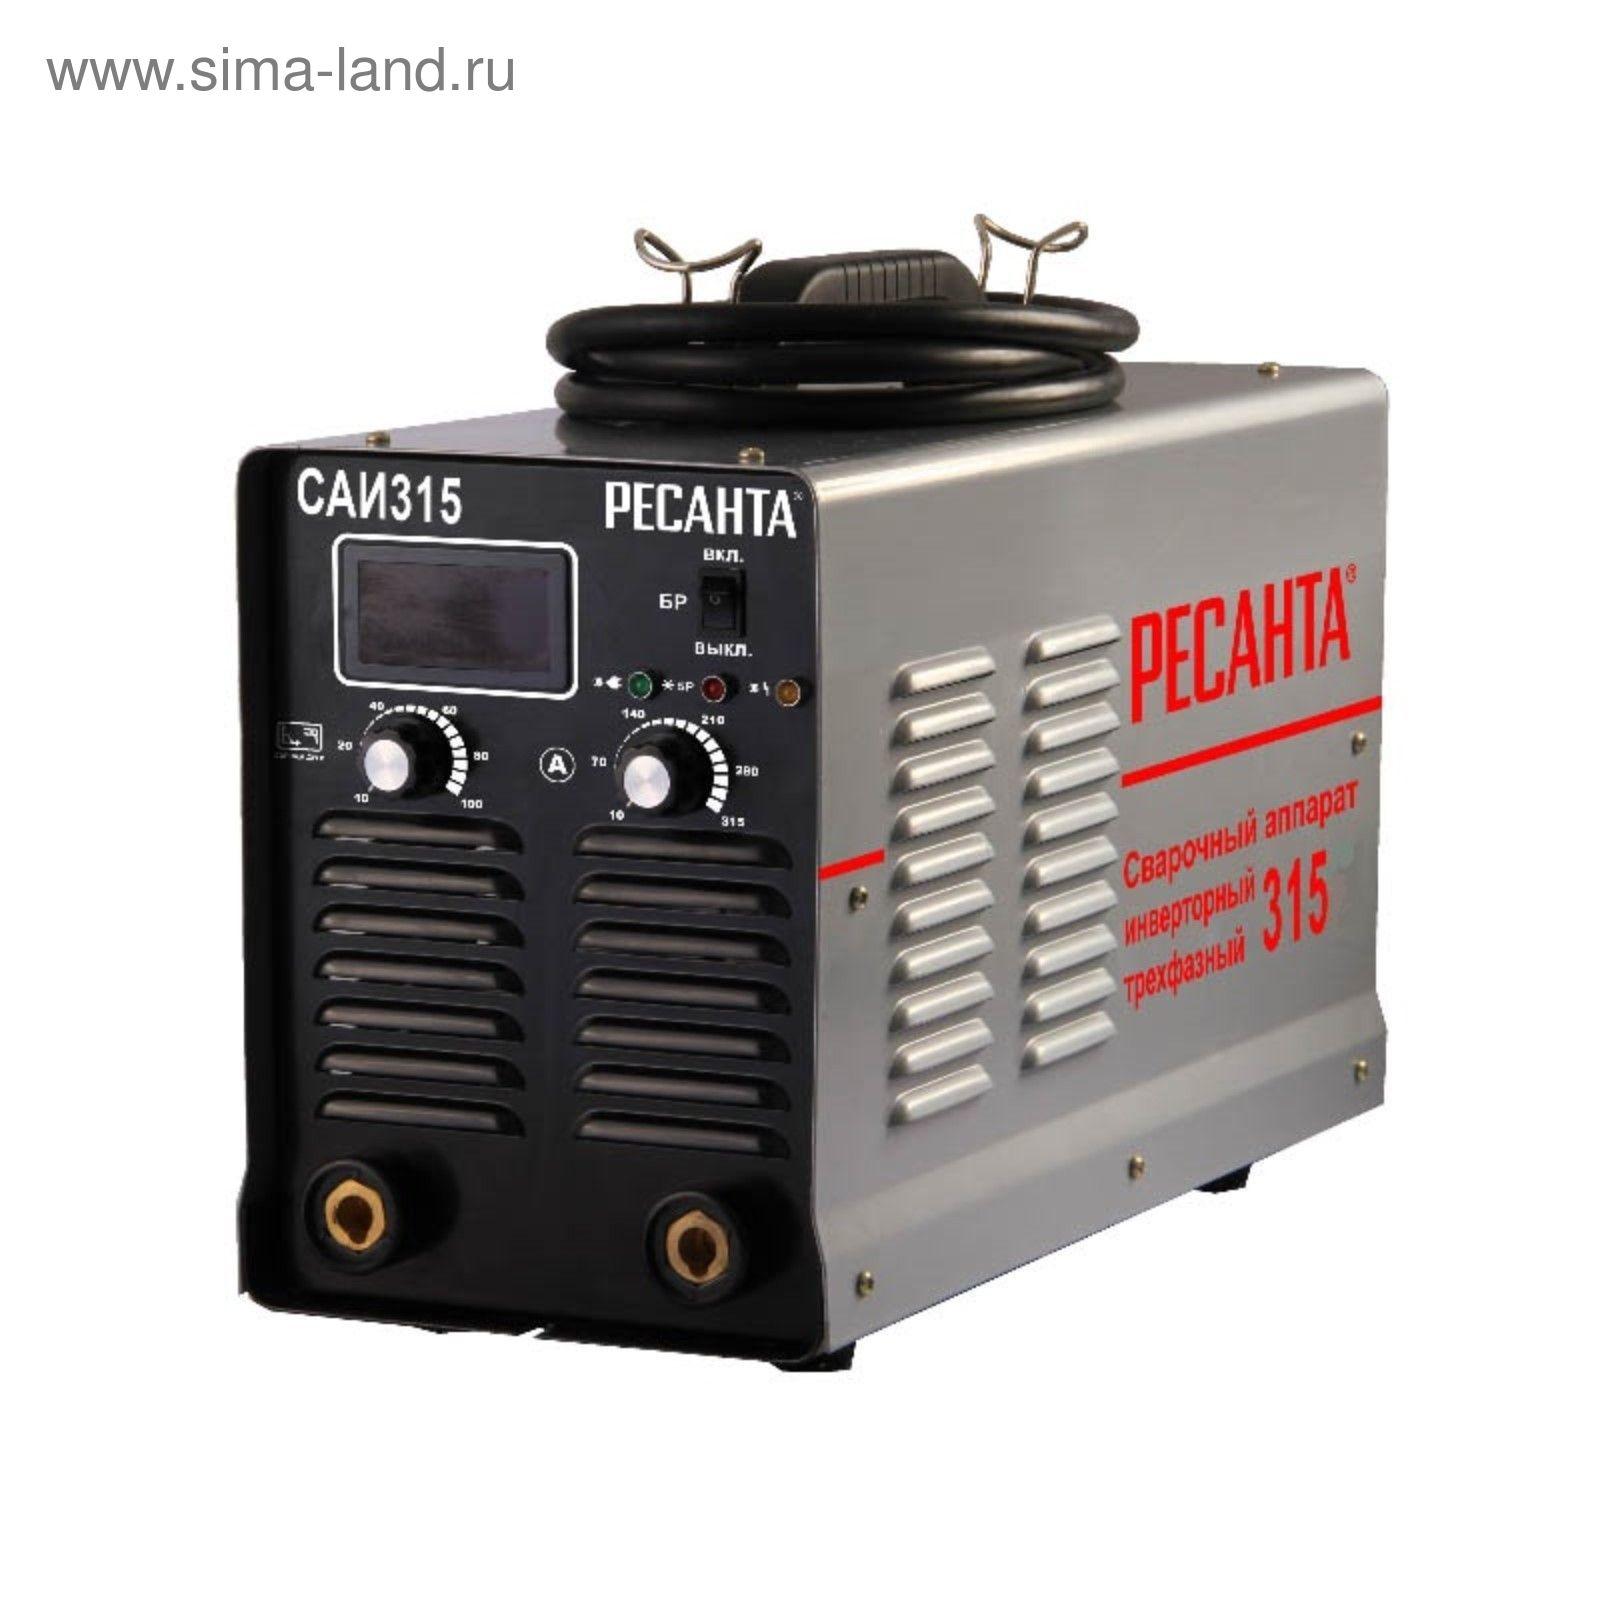 купить стабилизатор напряжения энергия в смоленске